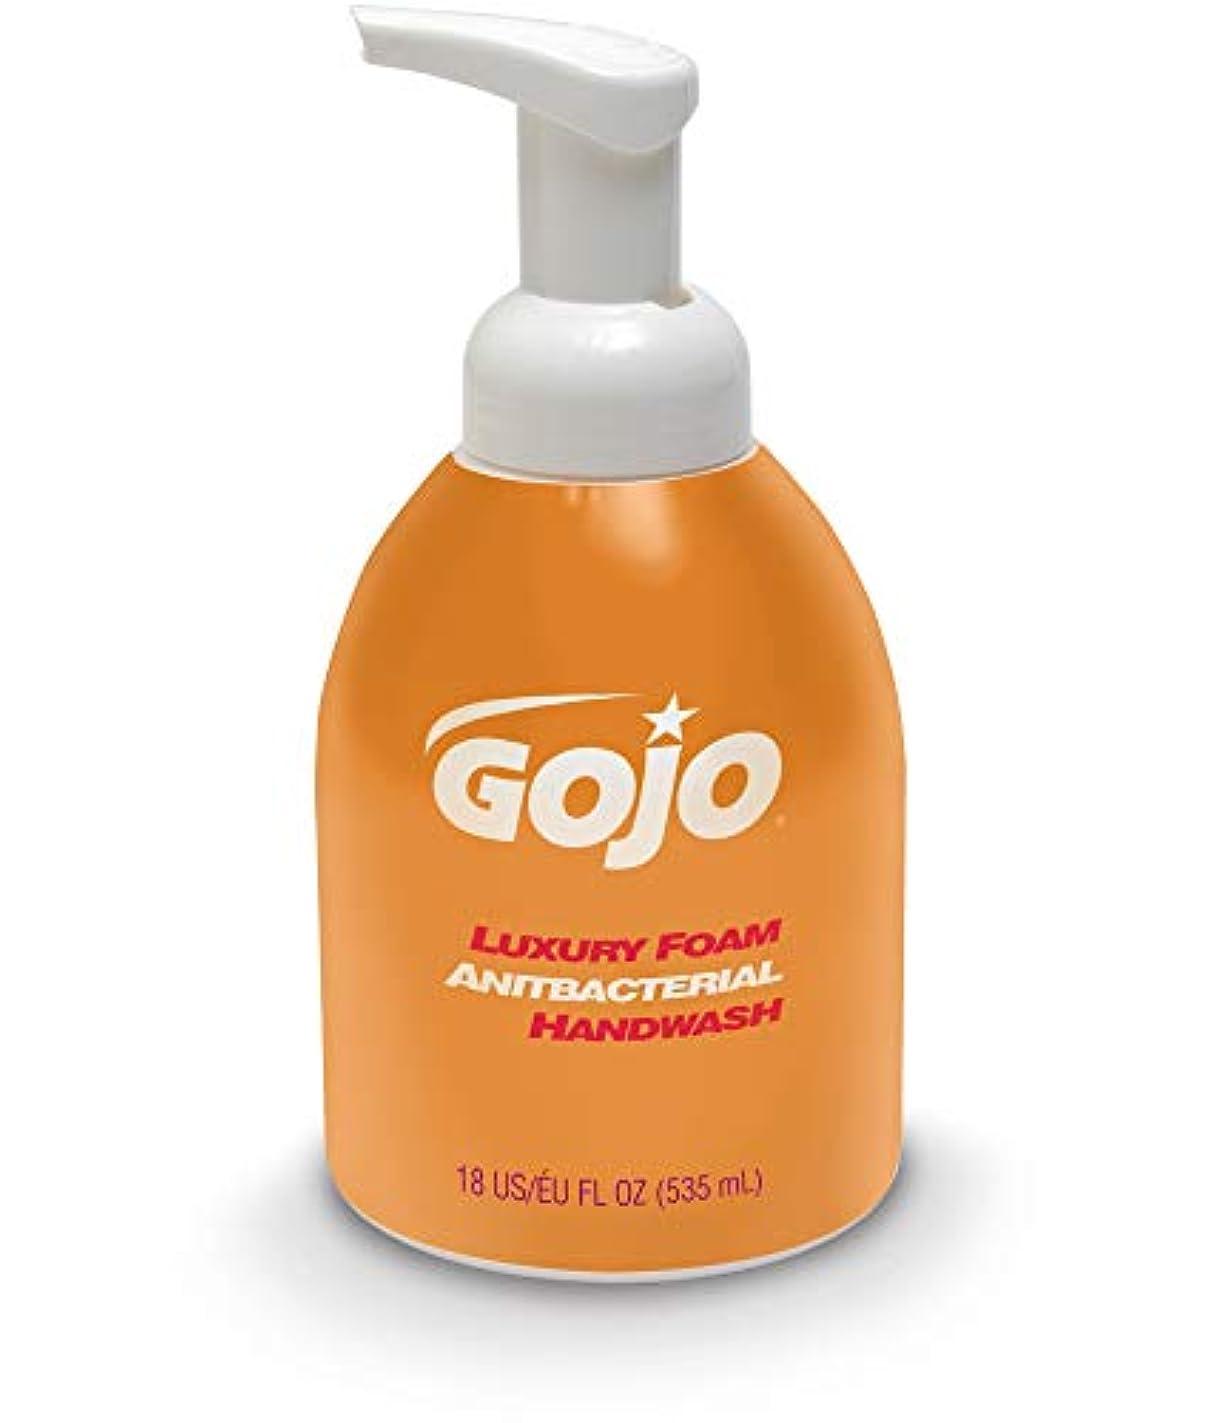 現実がっかりするピークLuxury Foam Antibacterial Handwash, Orange Blossom, 18 oz Pump (並行輸入品)